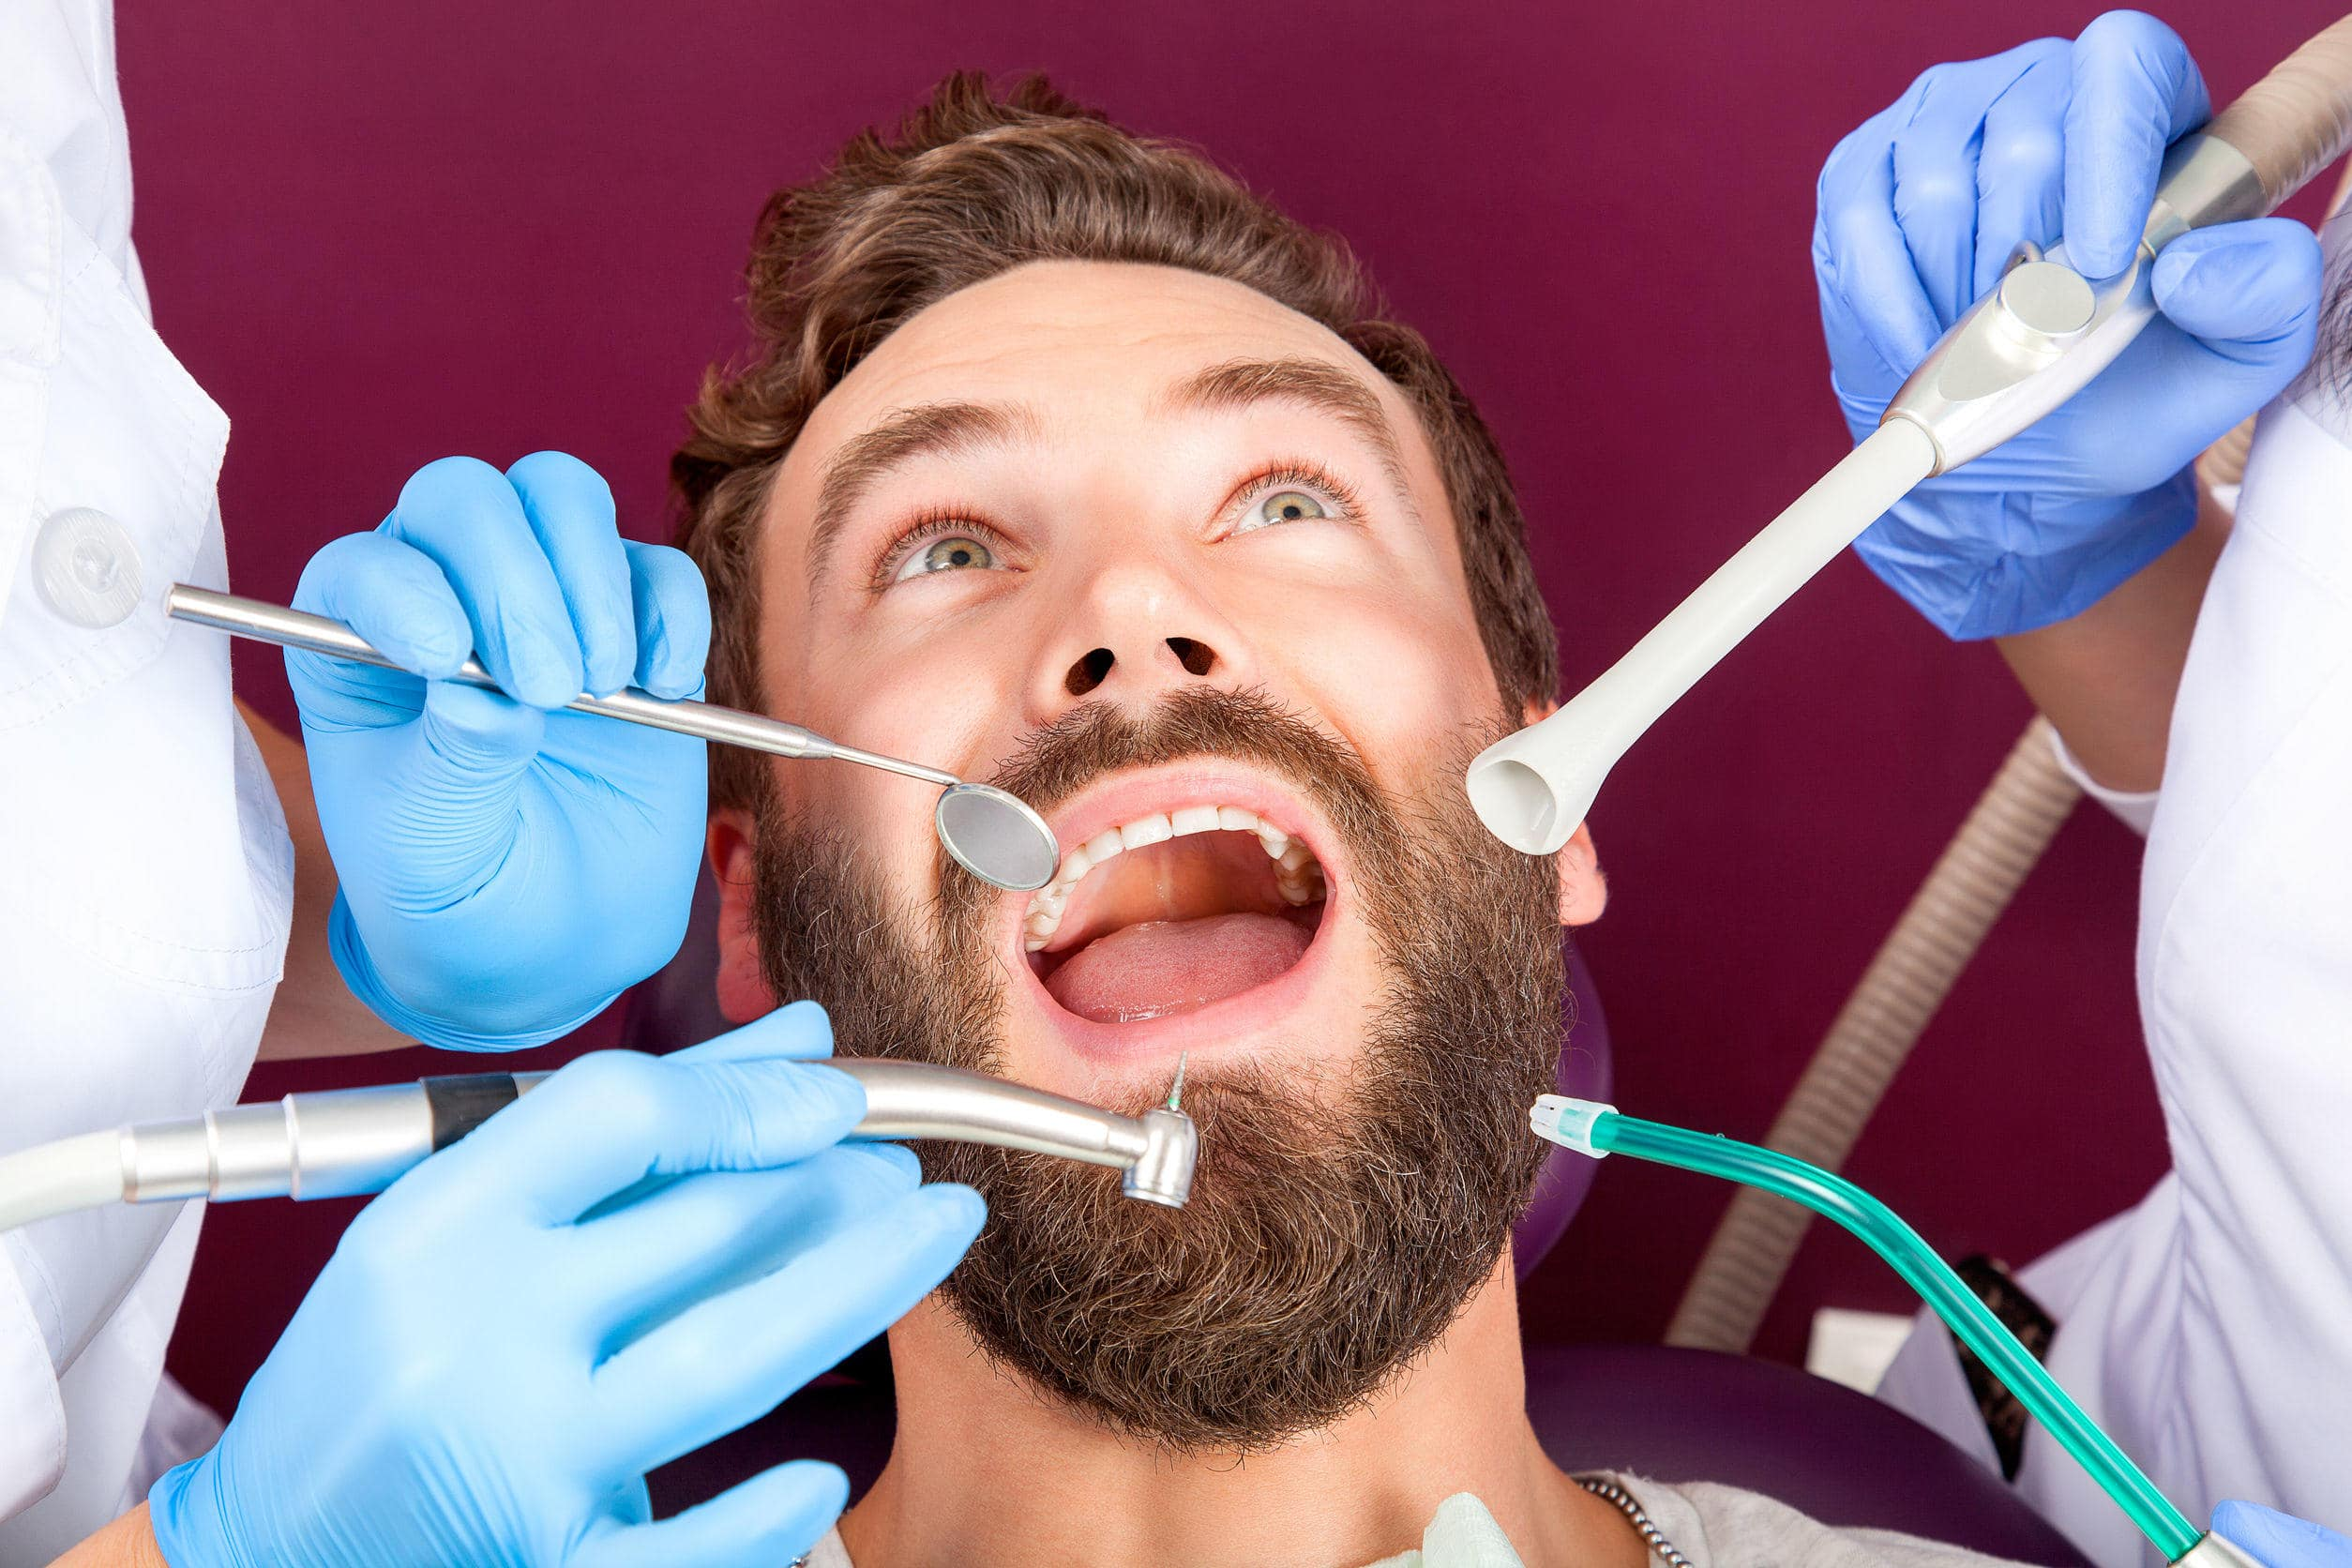 oralsurgeon 14